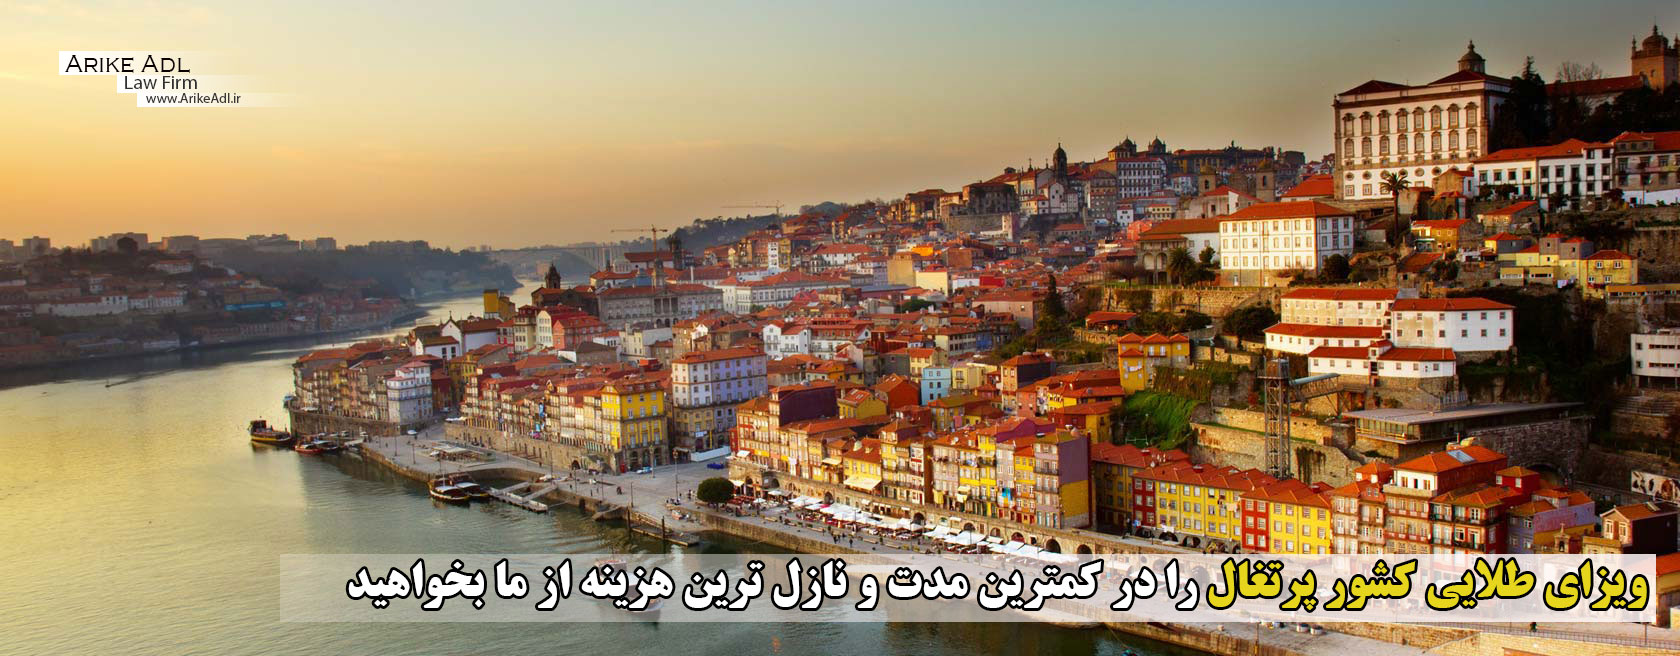 ویزای طلایی پرتغال ، گلدن ویزای پرتغال ، ویزای شنگن